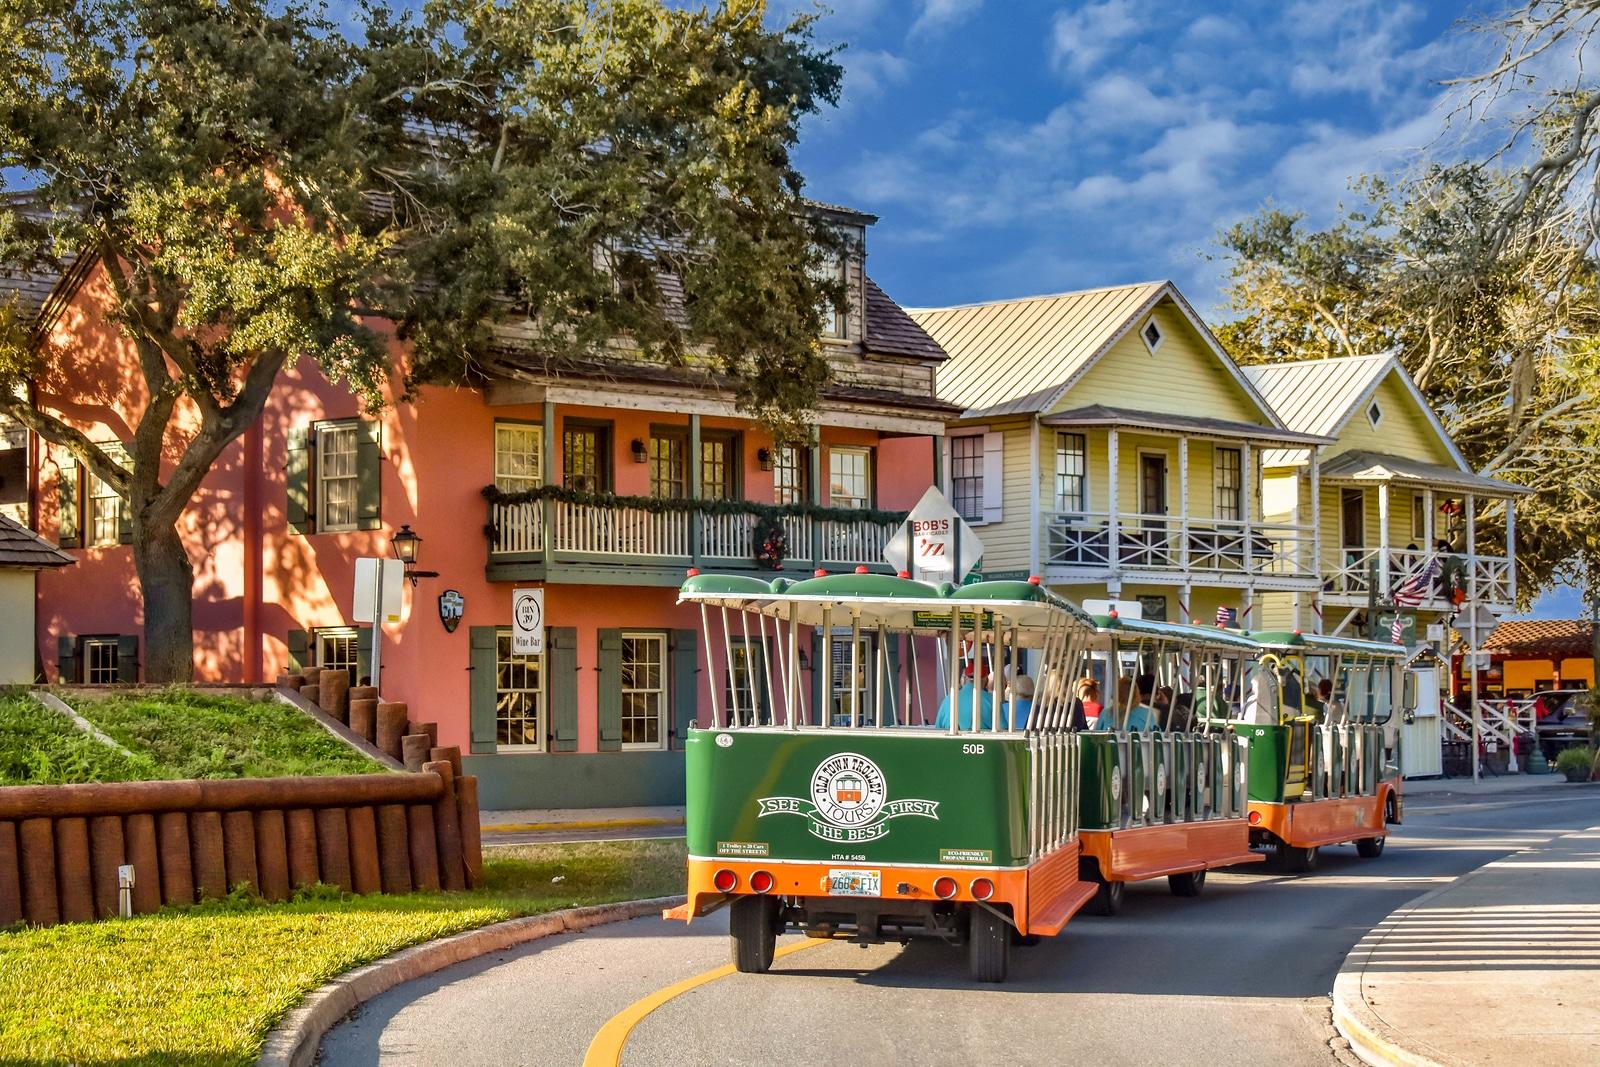 St. Augustine Trolley